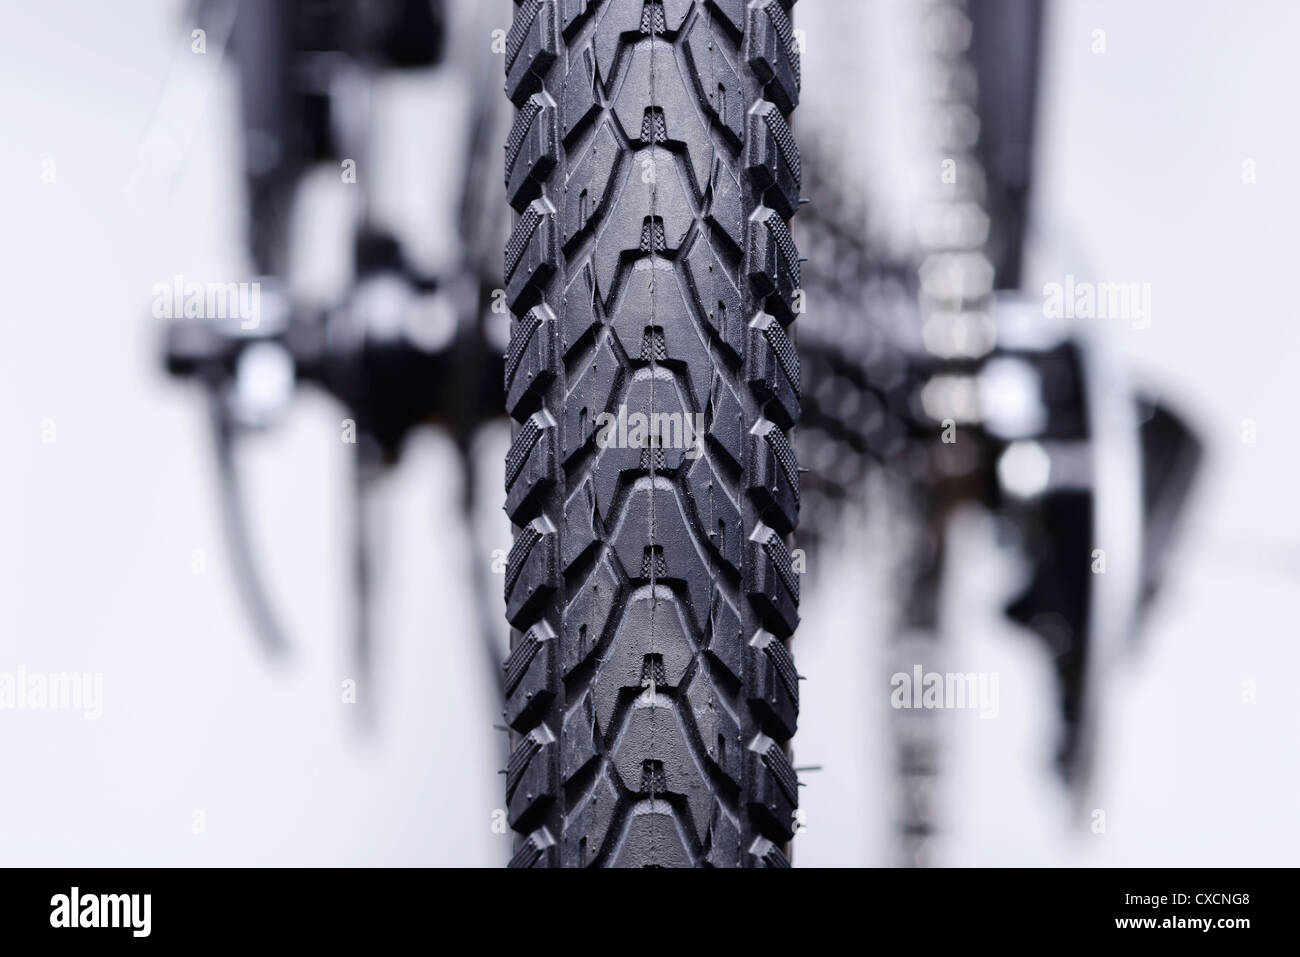 Resumen detalle de las marchas y los frenos de la rueda trasera de la bicicleta Imagen De Stock